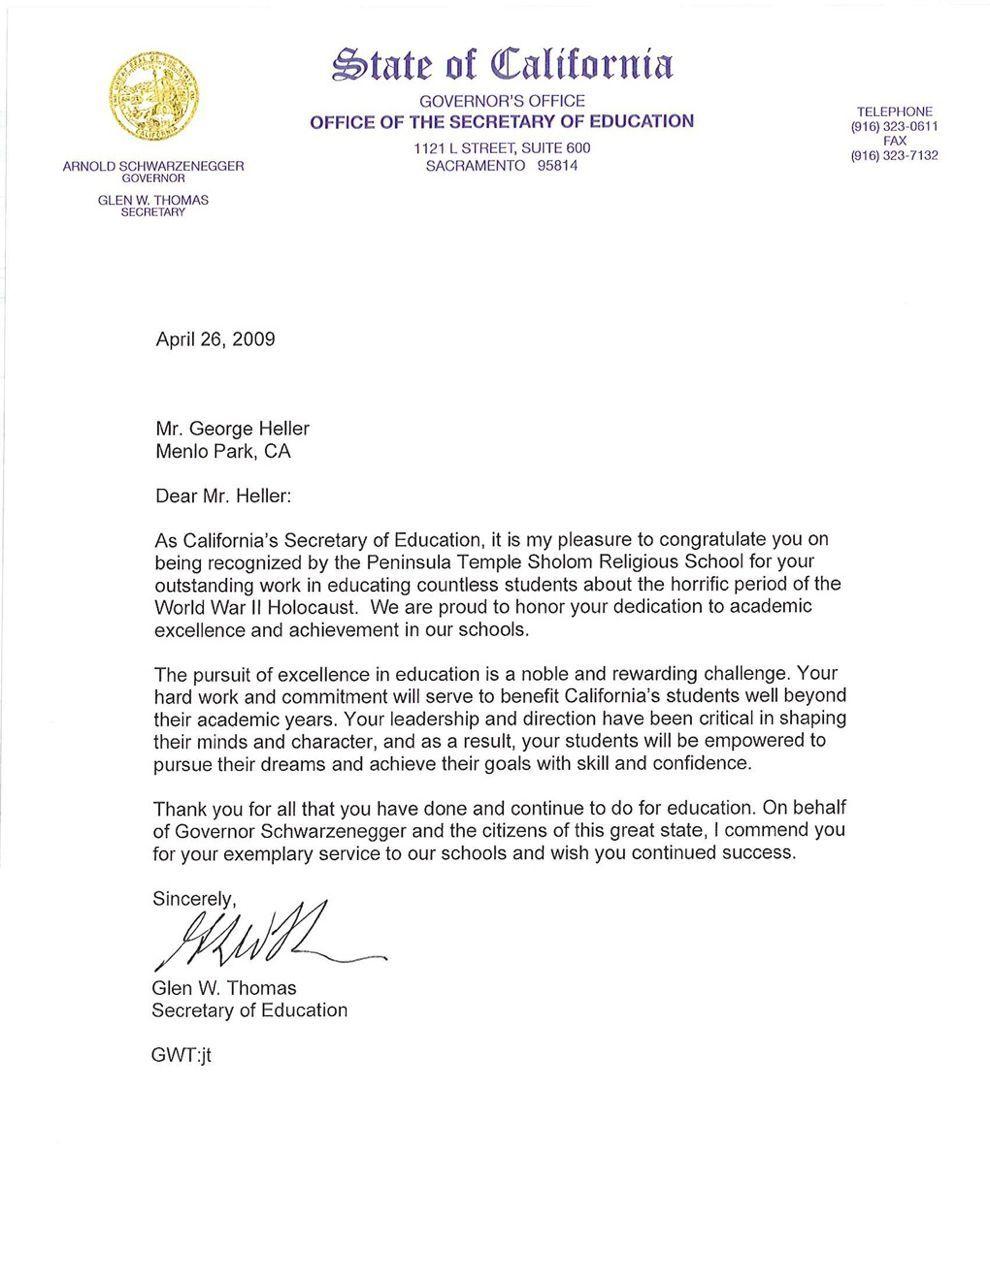 Formal Invitation Letter Format For Event